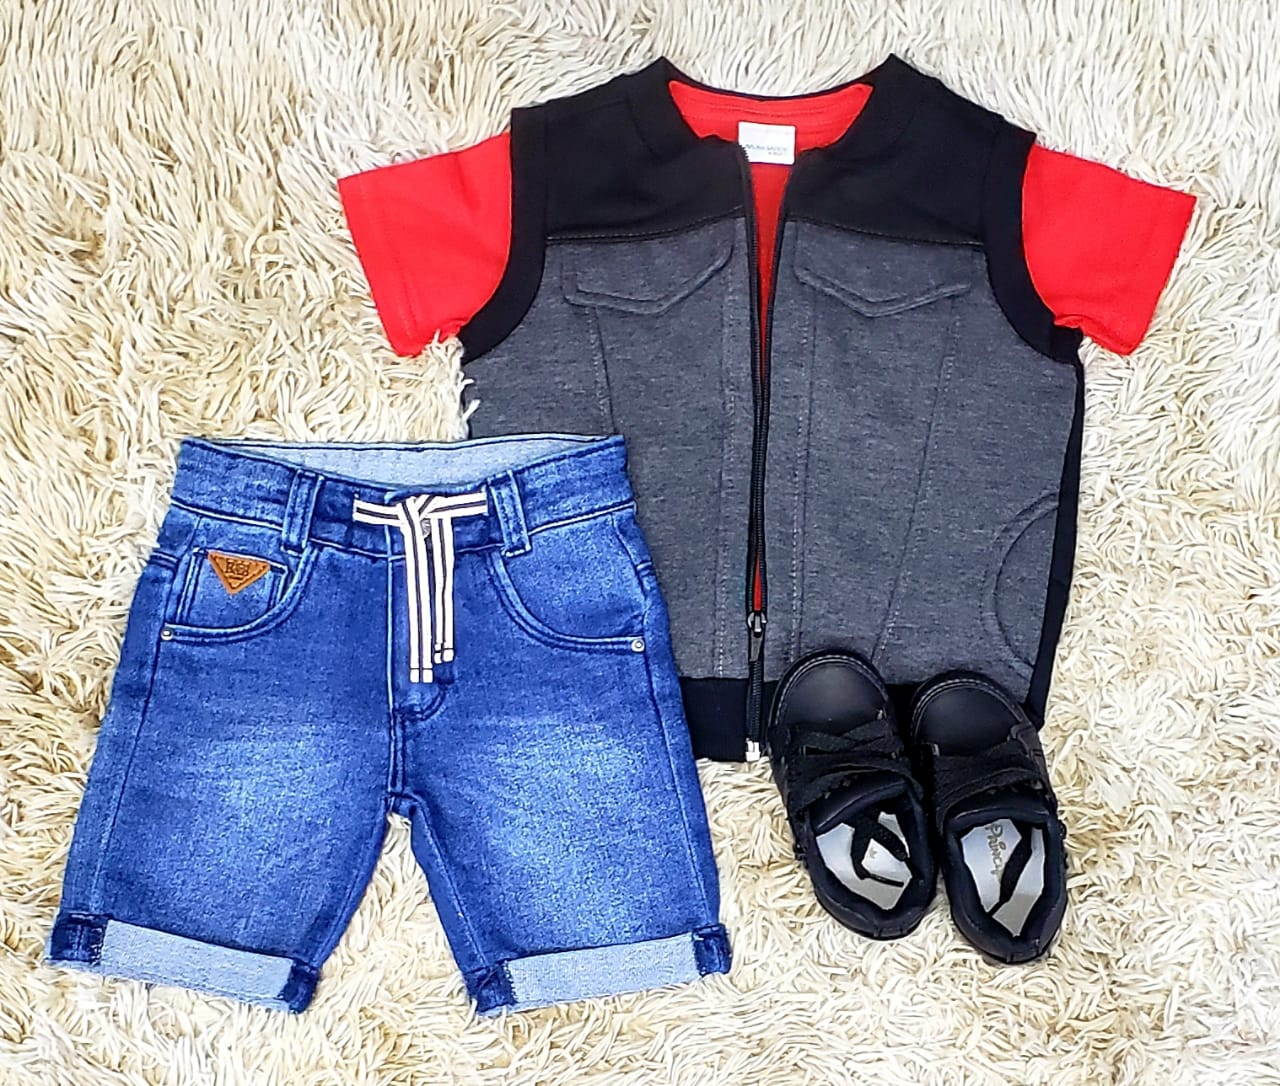 6993089c07 Bermuda Jeans com Camiseta Vermelha e Colete